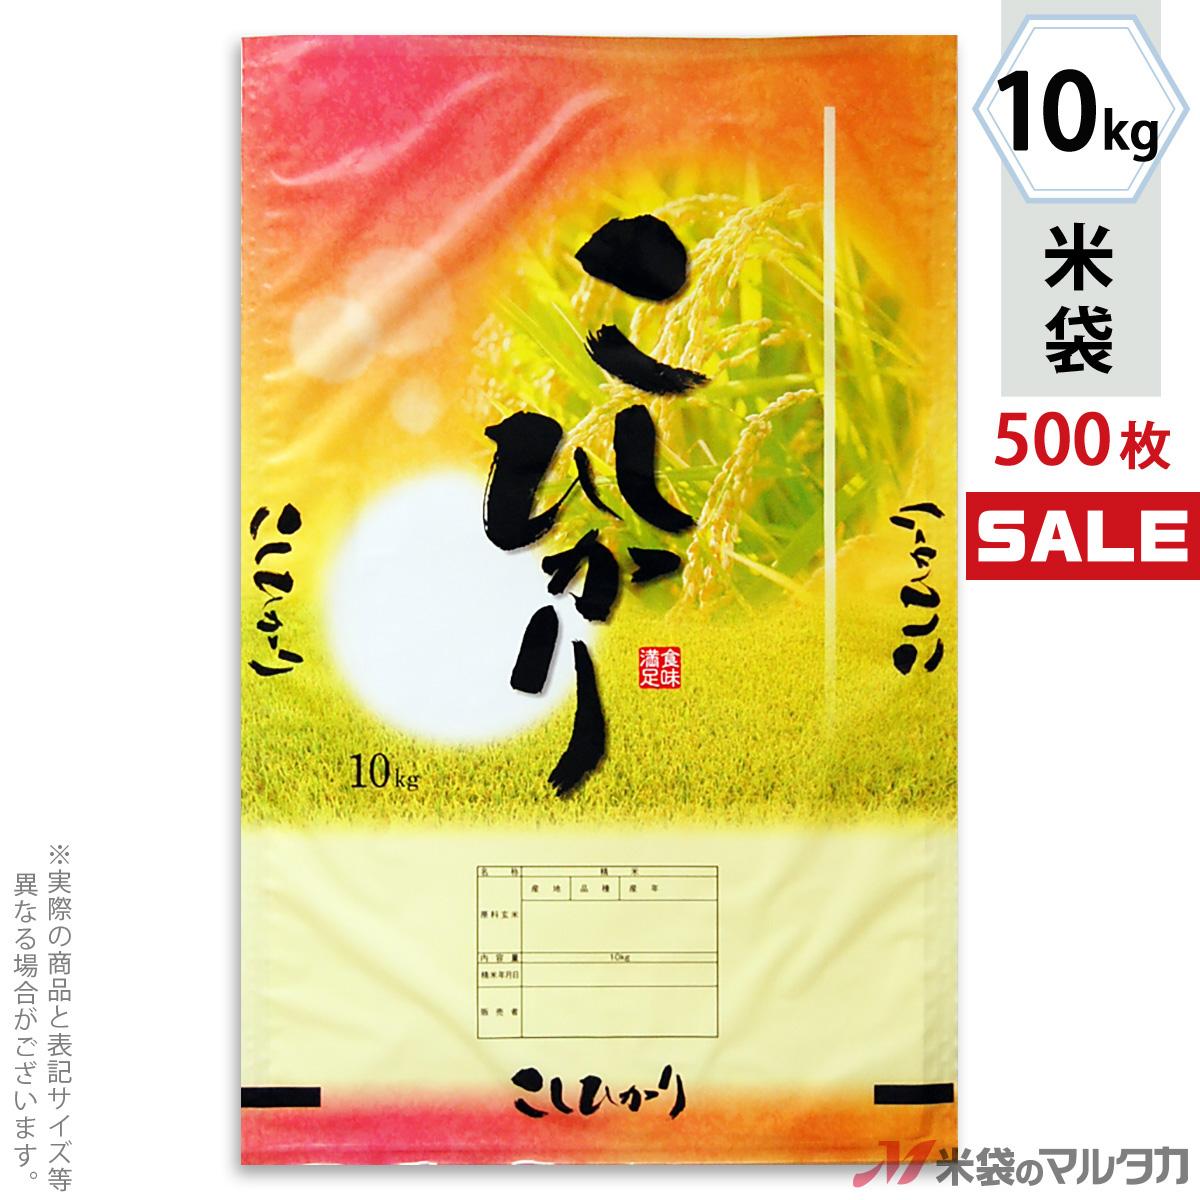 <キャンペーン対応>米袋 ポリポリ ネオブレス こしひかり 初穂 10kg 1ケース(500枚入) MP-5530